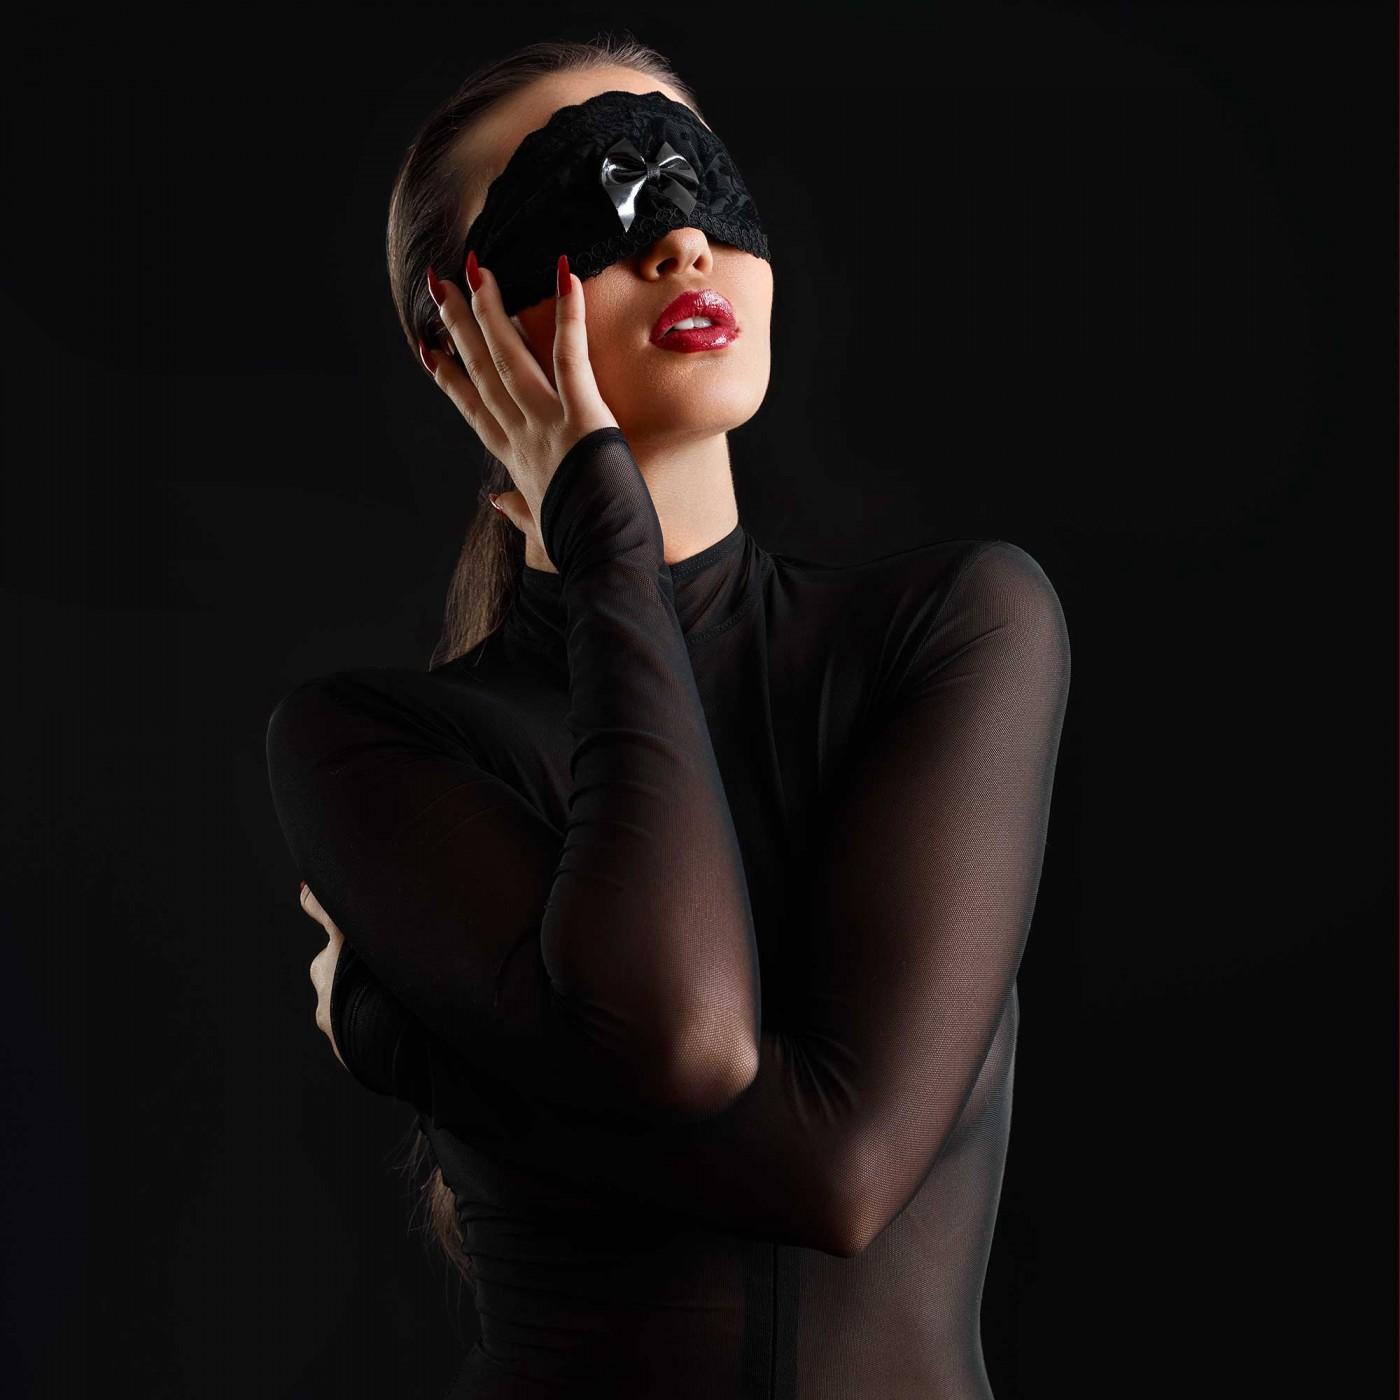 Lou masque en dentelle noire - Patrice Catanzaro